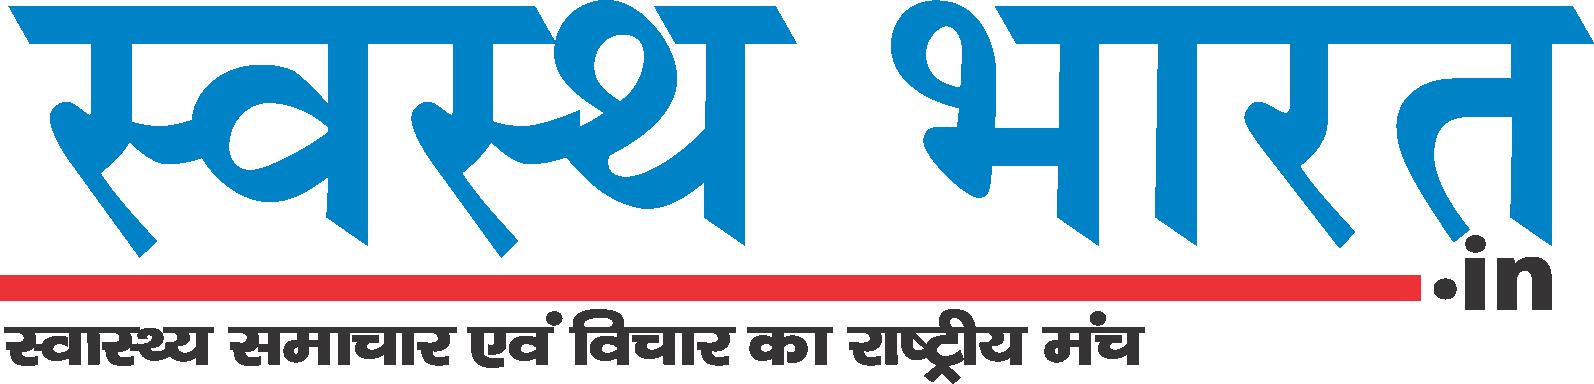 स्वस्थ भारत मीडिया